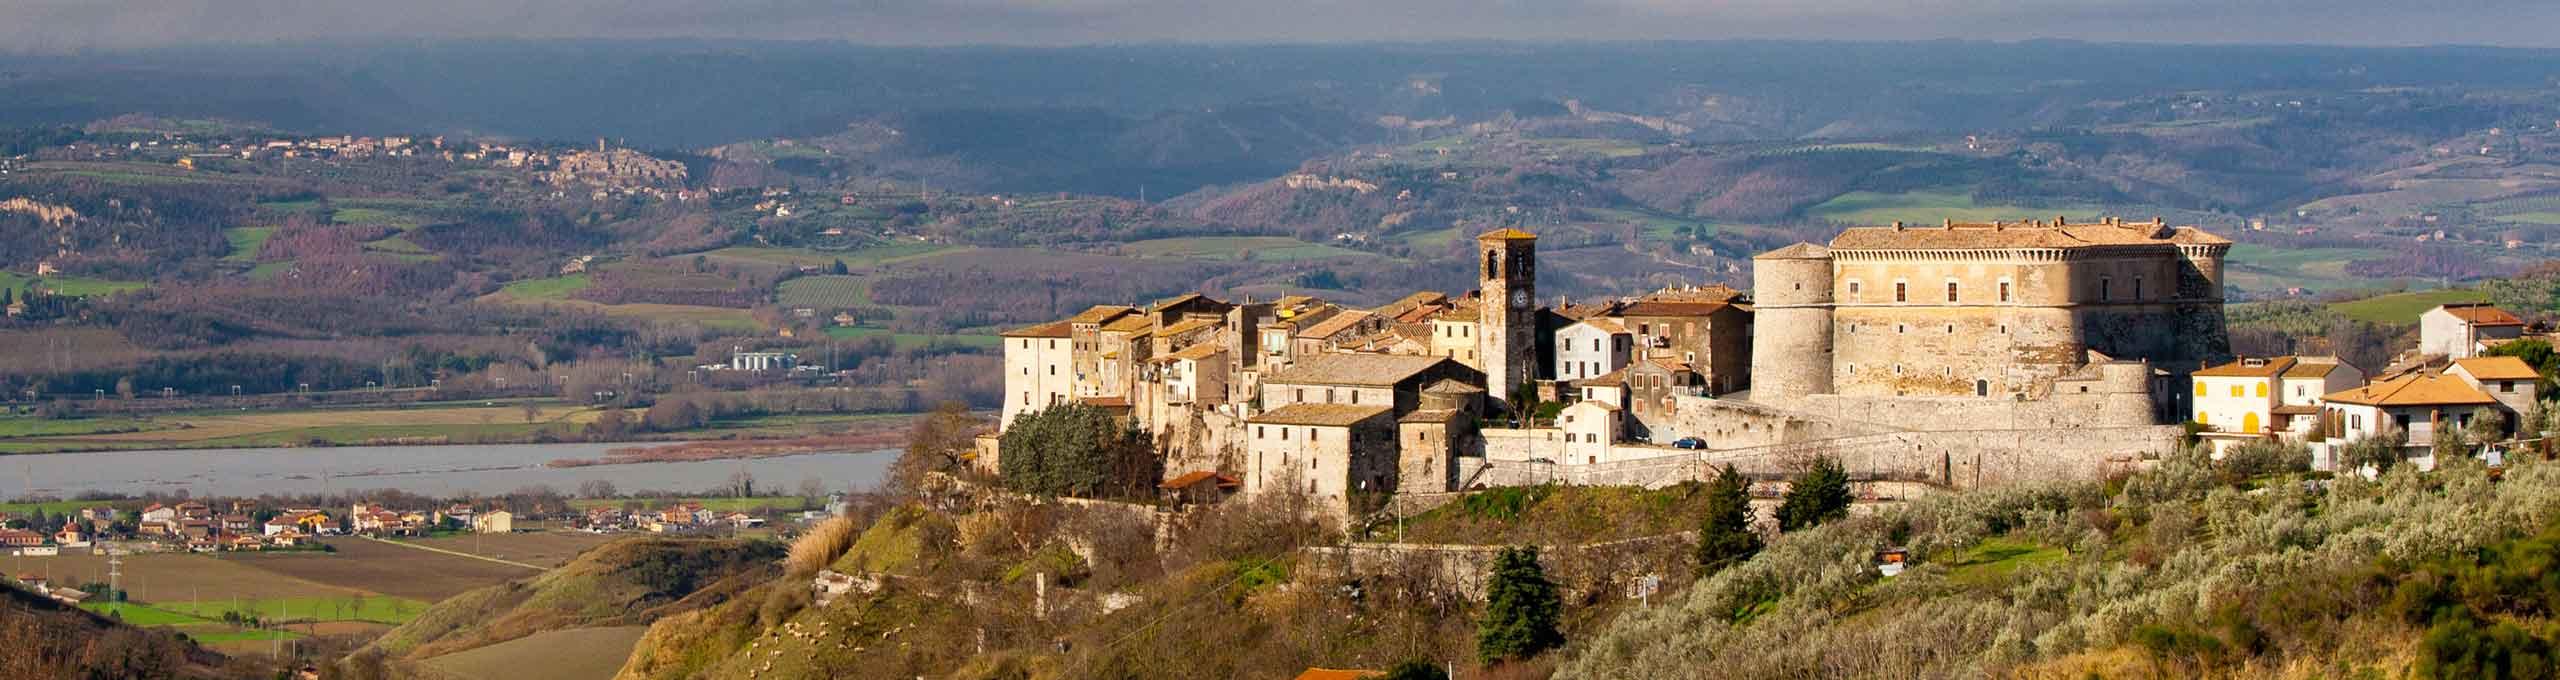 Alviano, Umbria